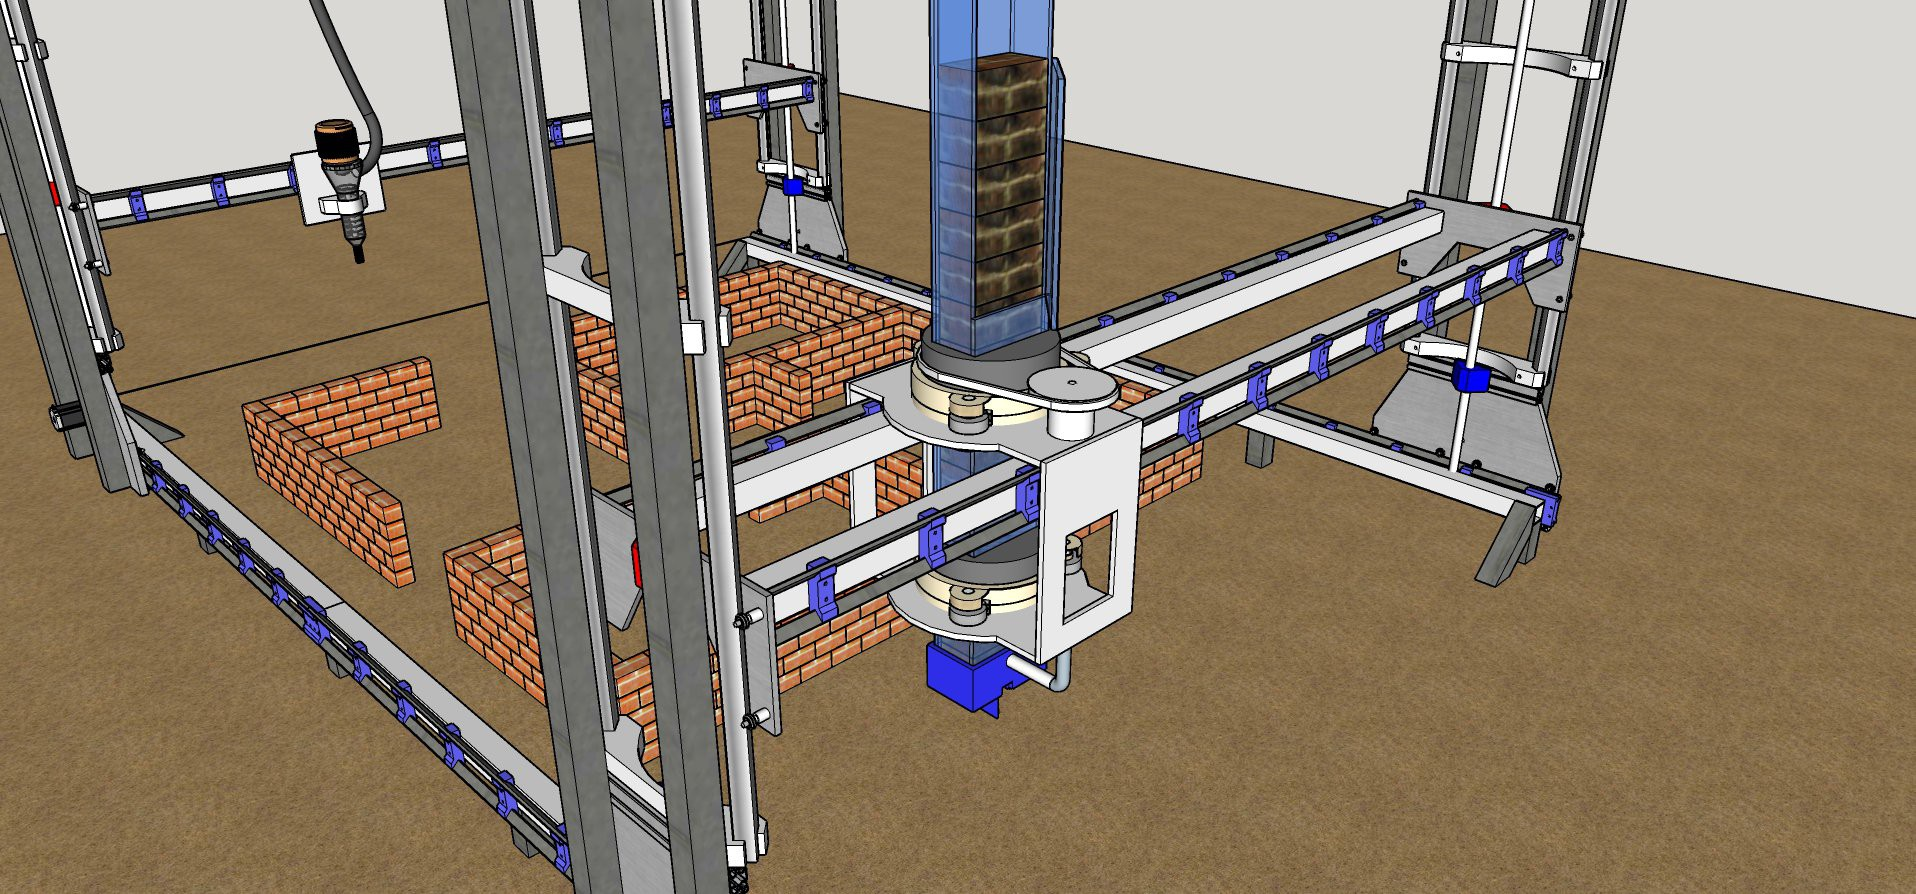 ALEKYA? - 開源建筑機器人,旨在利用發展中國家的當地建筑材料實現建筑施工的自動化